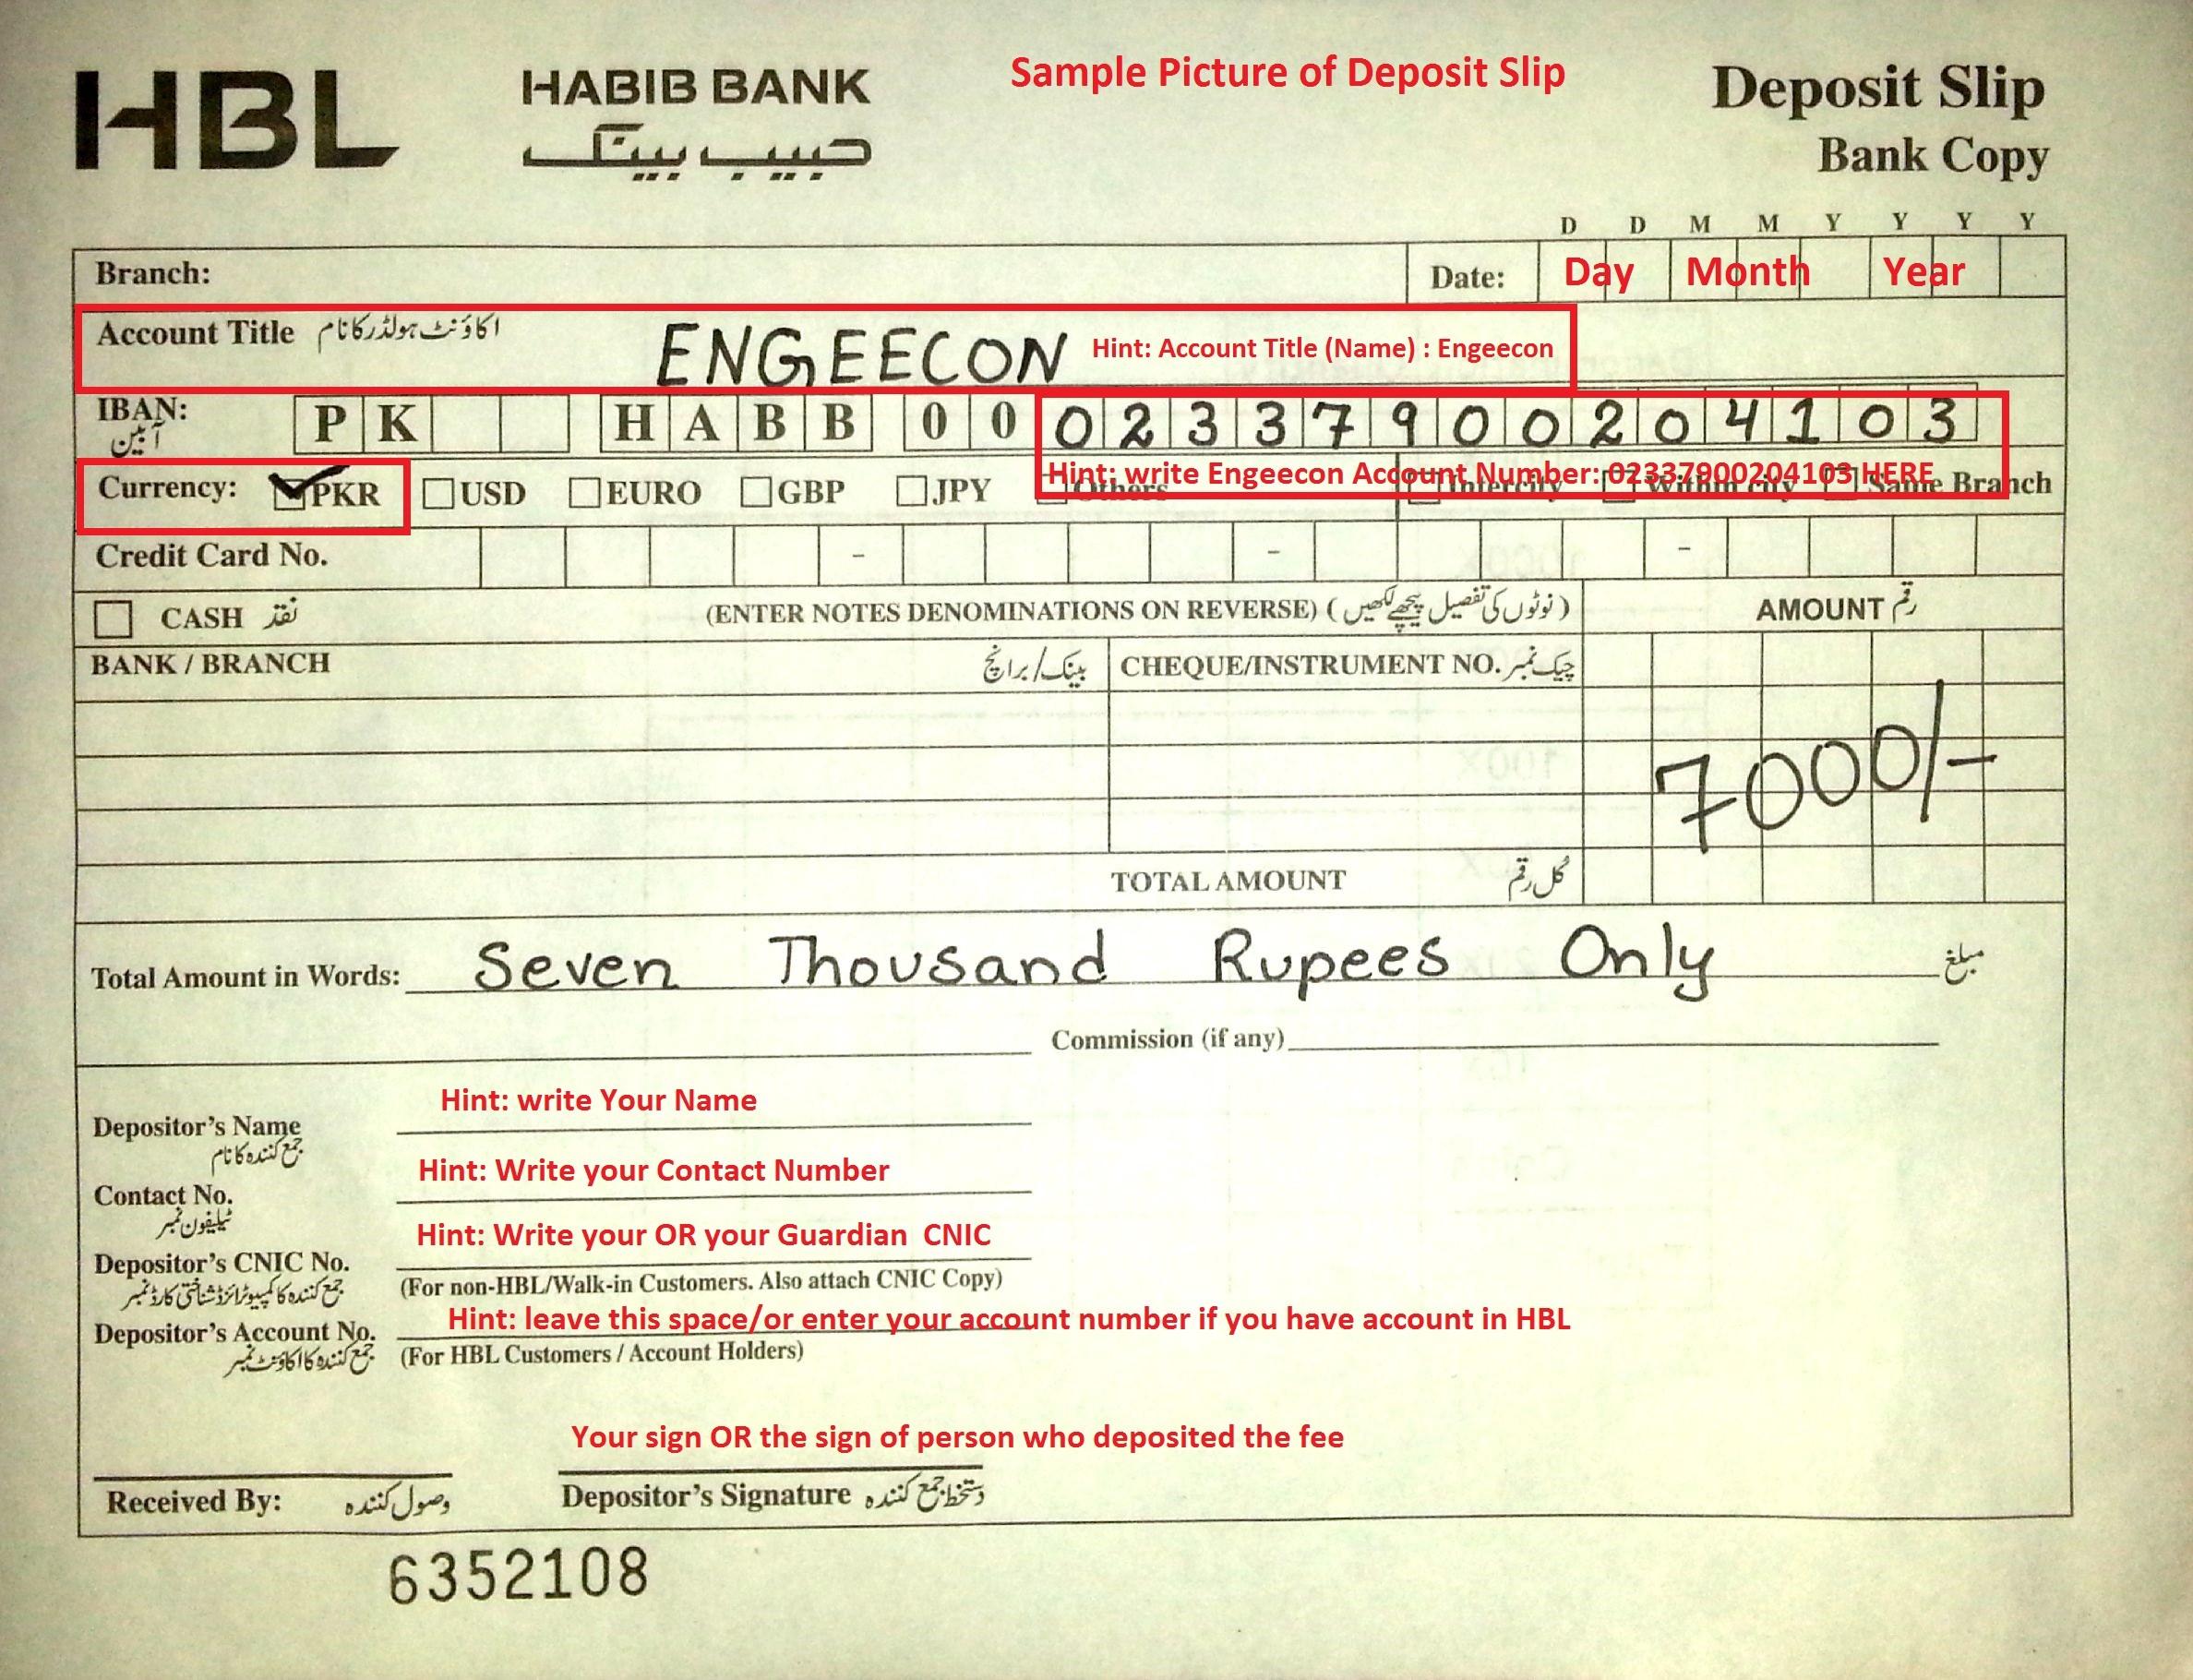 deposit slip of bank al habib  How to Get Admission – Engeecon Academy - deposit slip of bank al habib